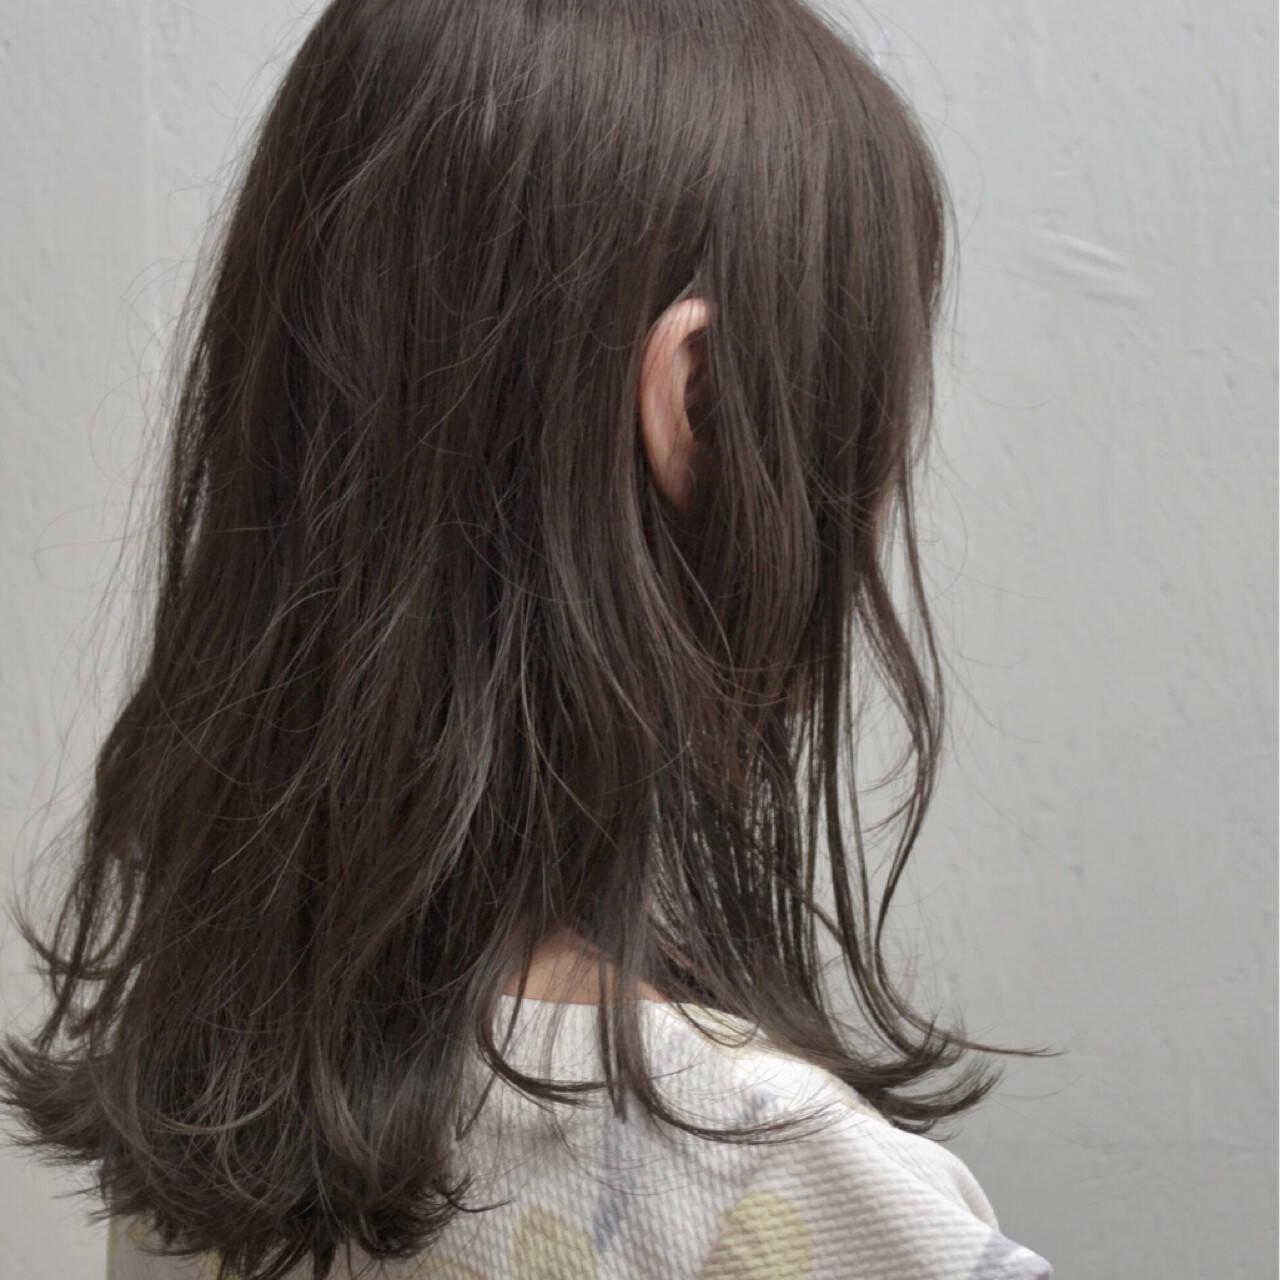 外国人風 セミロング ナチュラル グレージュヘアスタイルや髪型の写真・画像